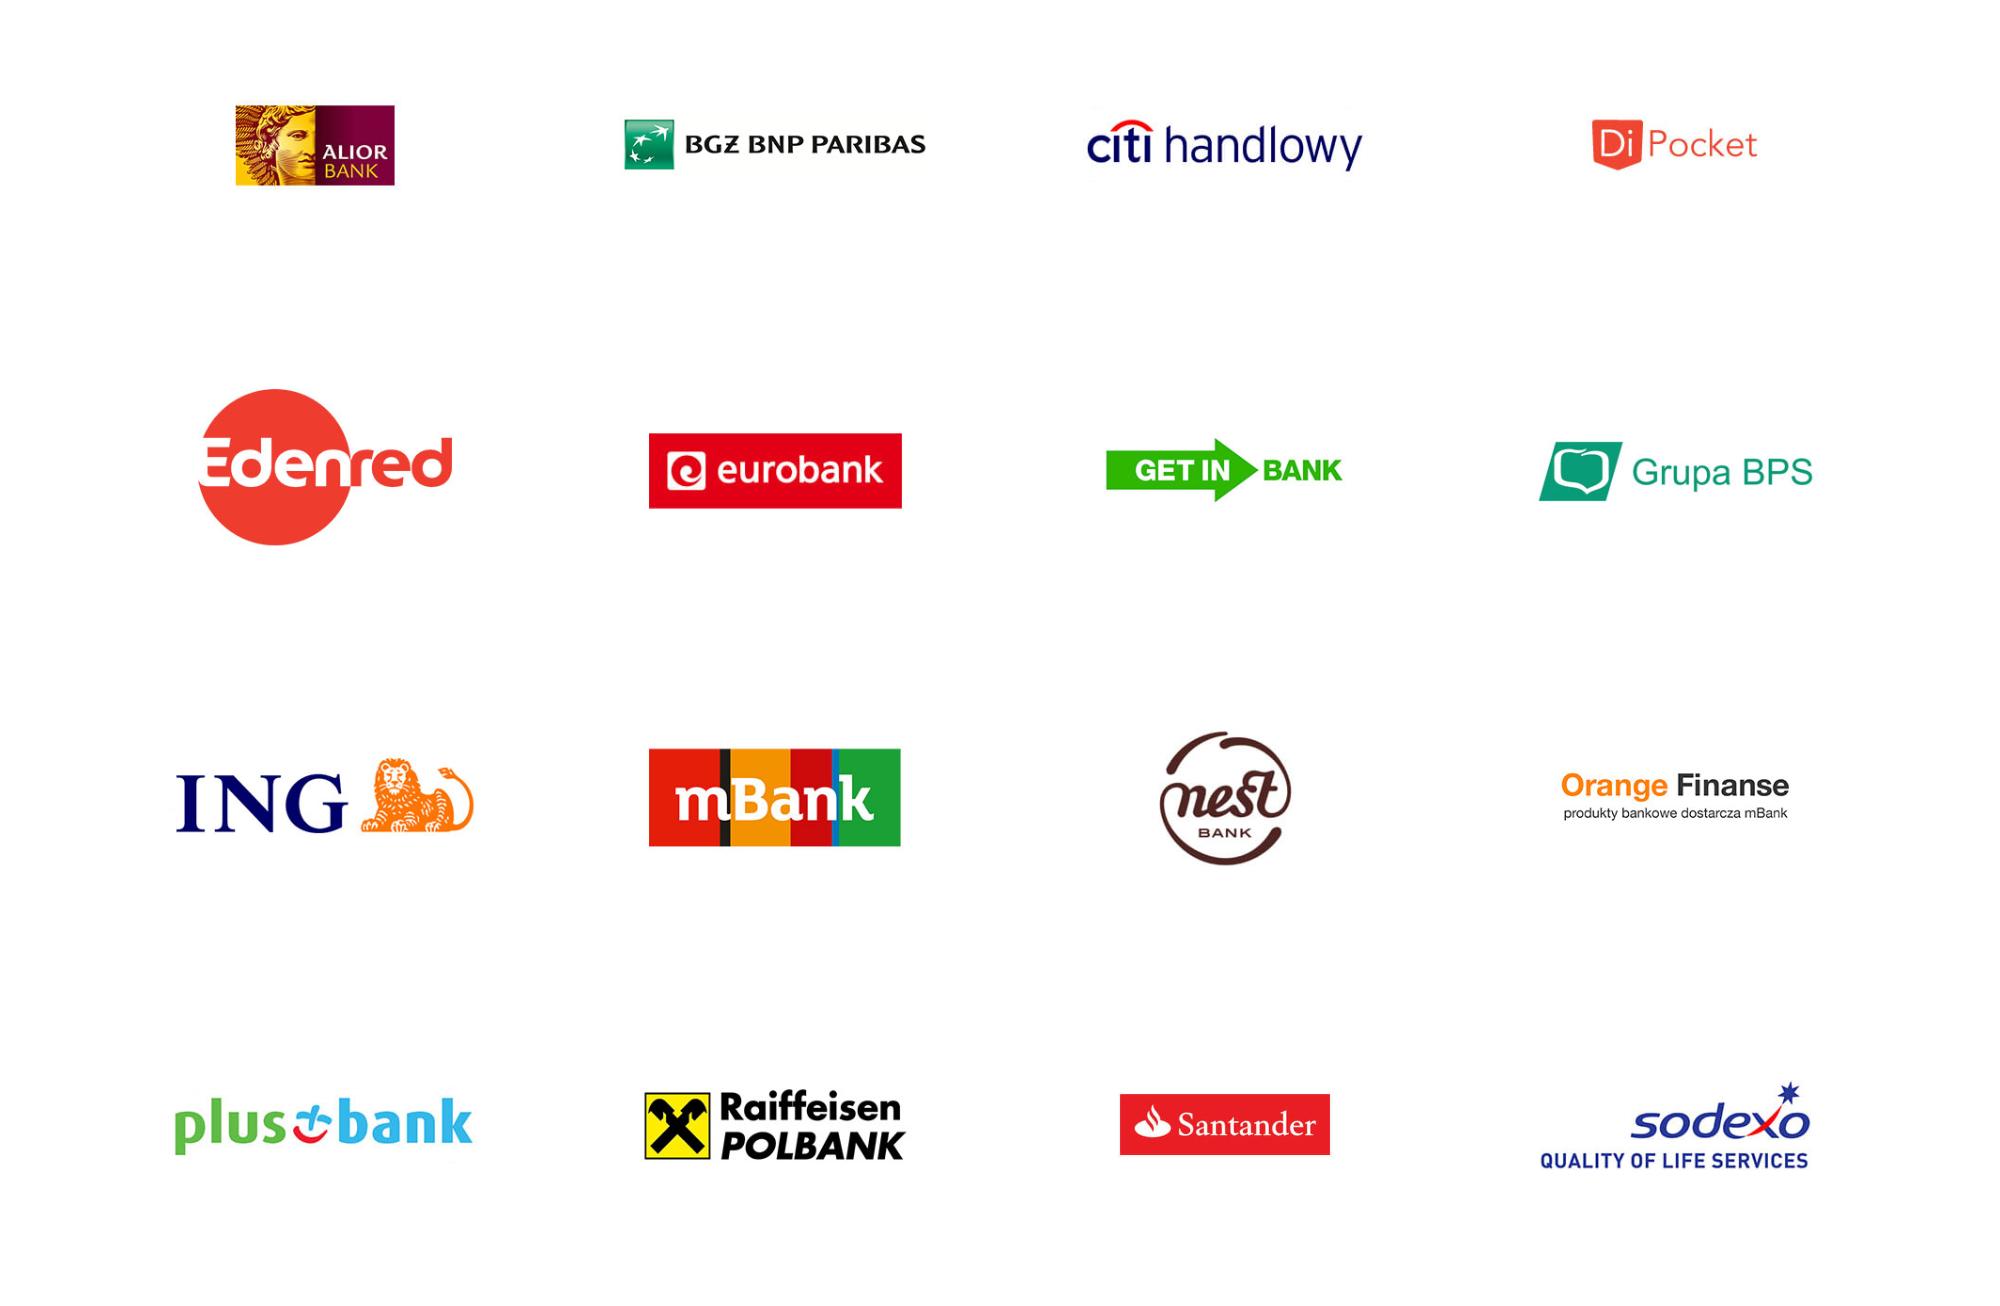 Список банков, поддерживающих Андроид-пэй в Польше